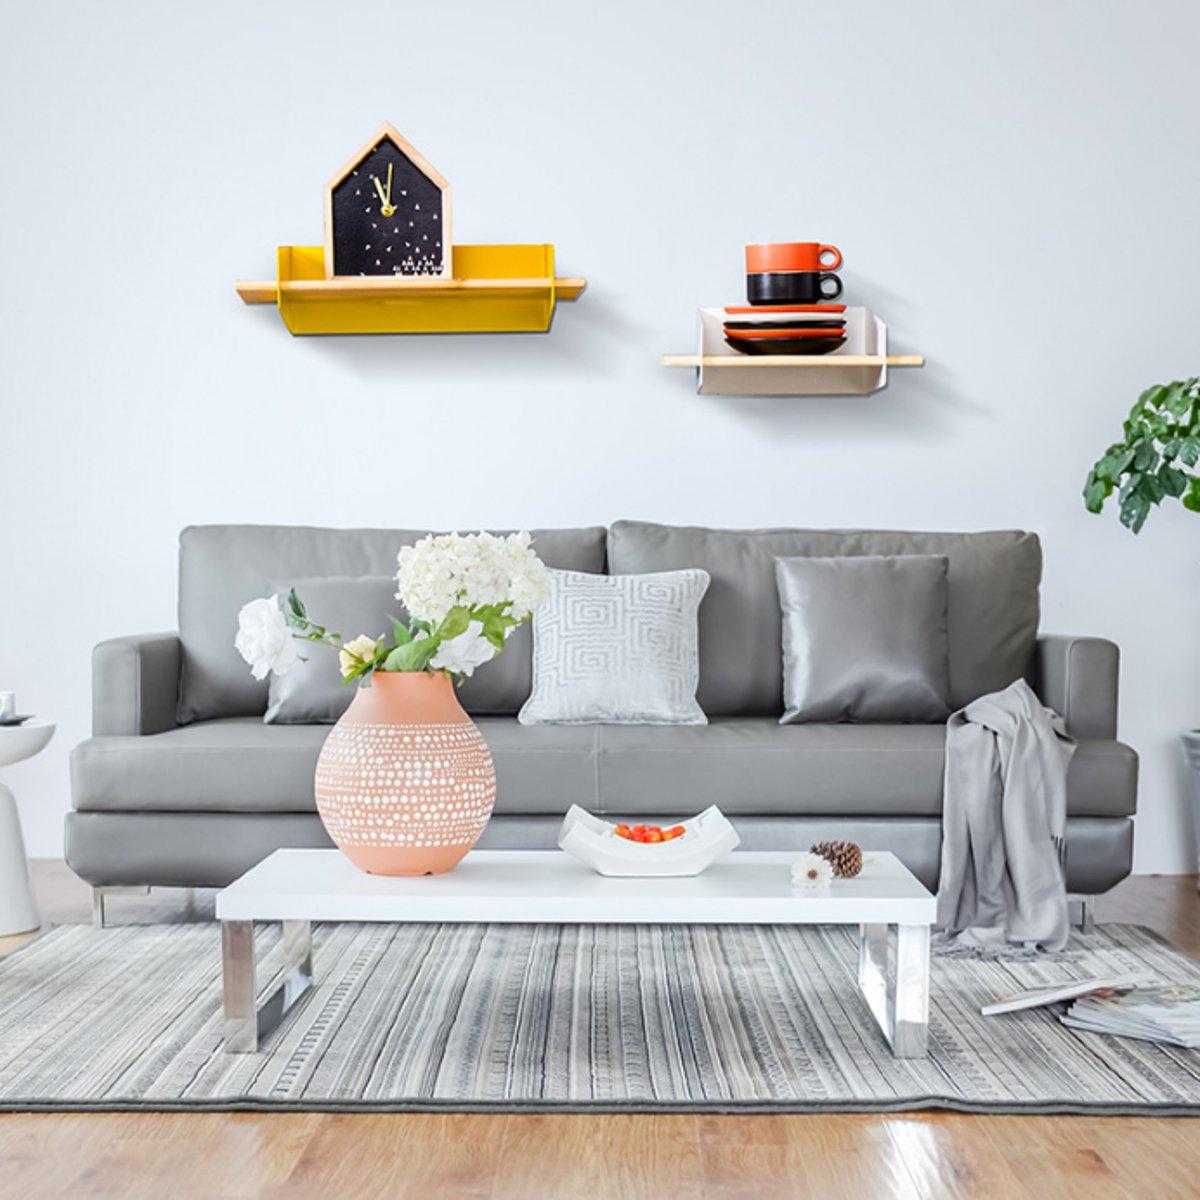 Aliexpress.com : Buy Wooden Wall Shelf Wall Mounted ...